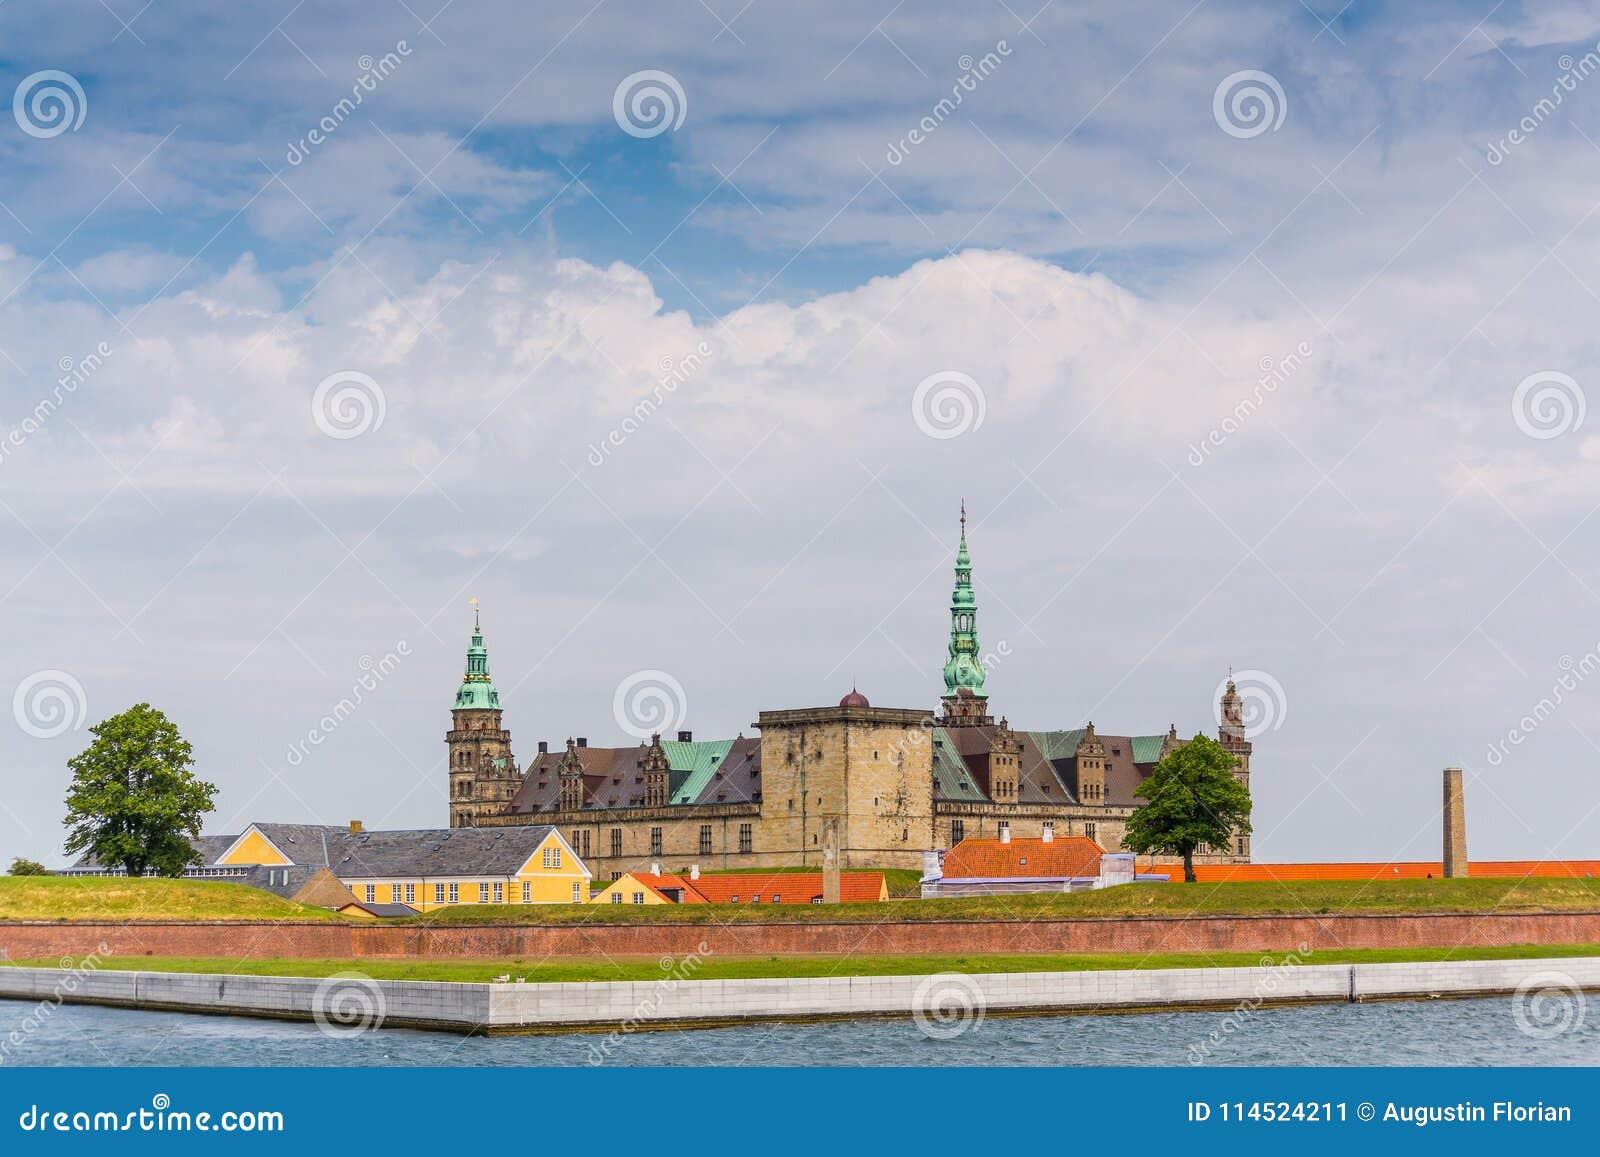 Castillo de Kronborg, Helsingor, Dinamarca